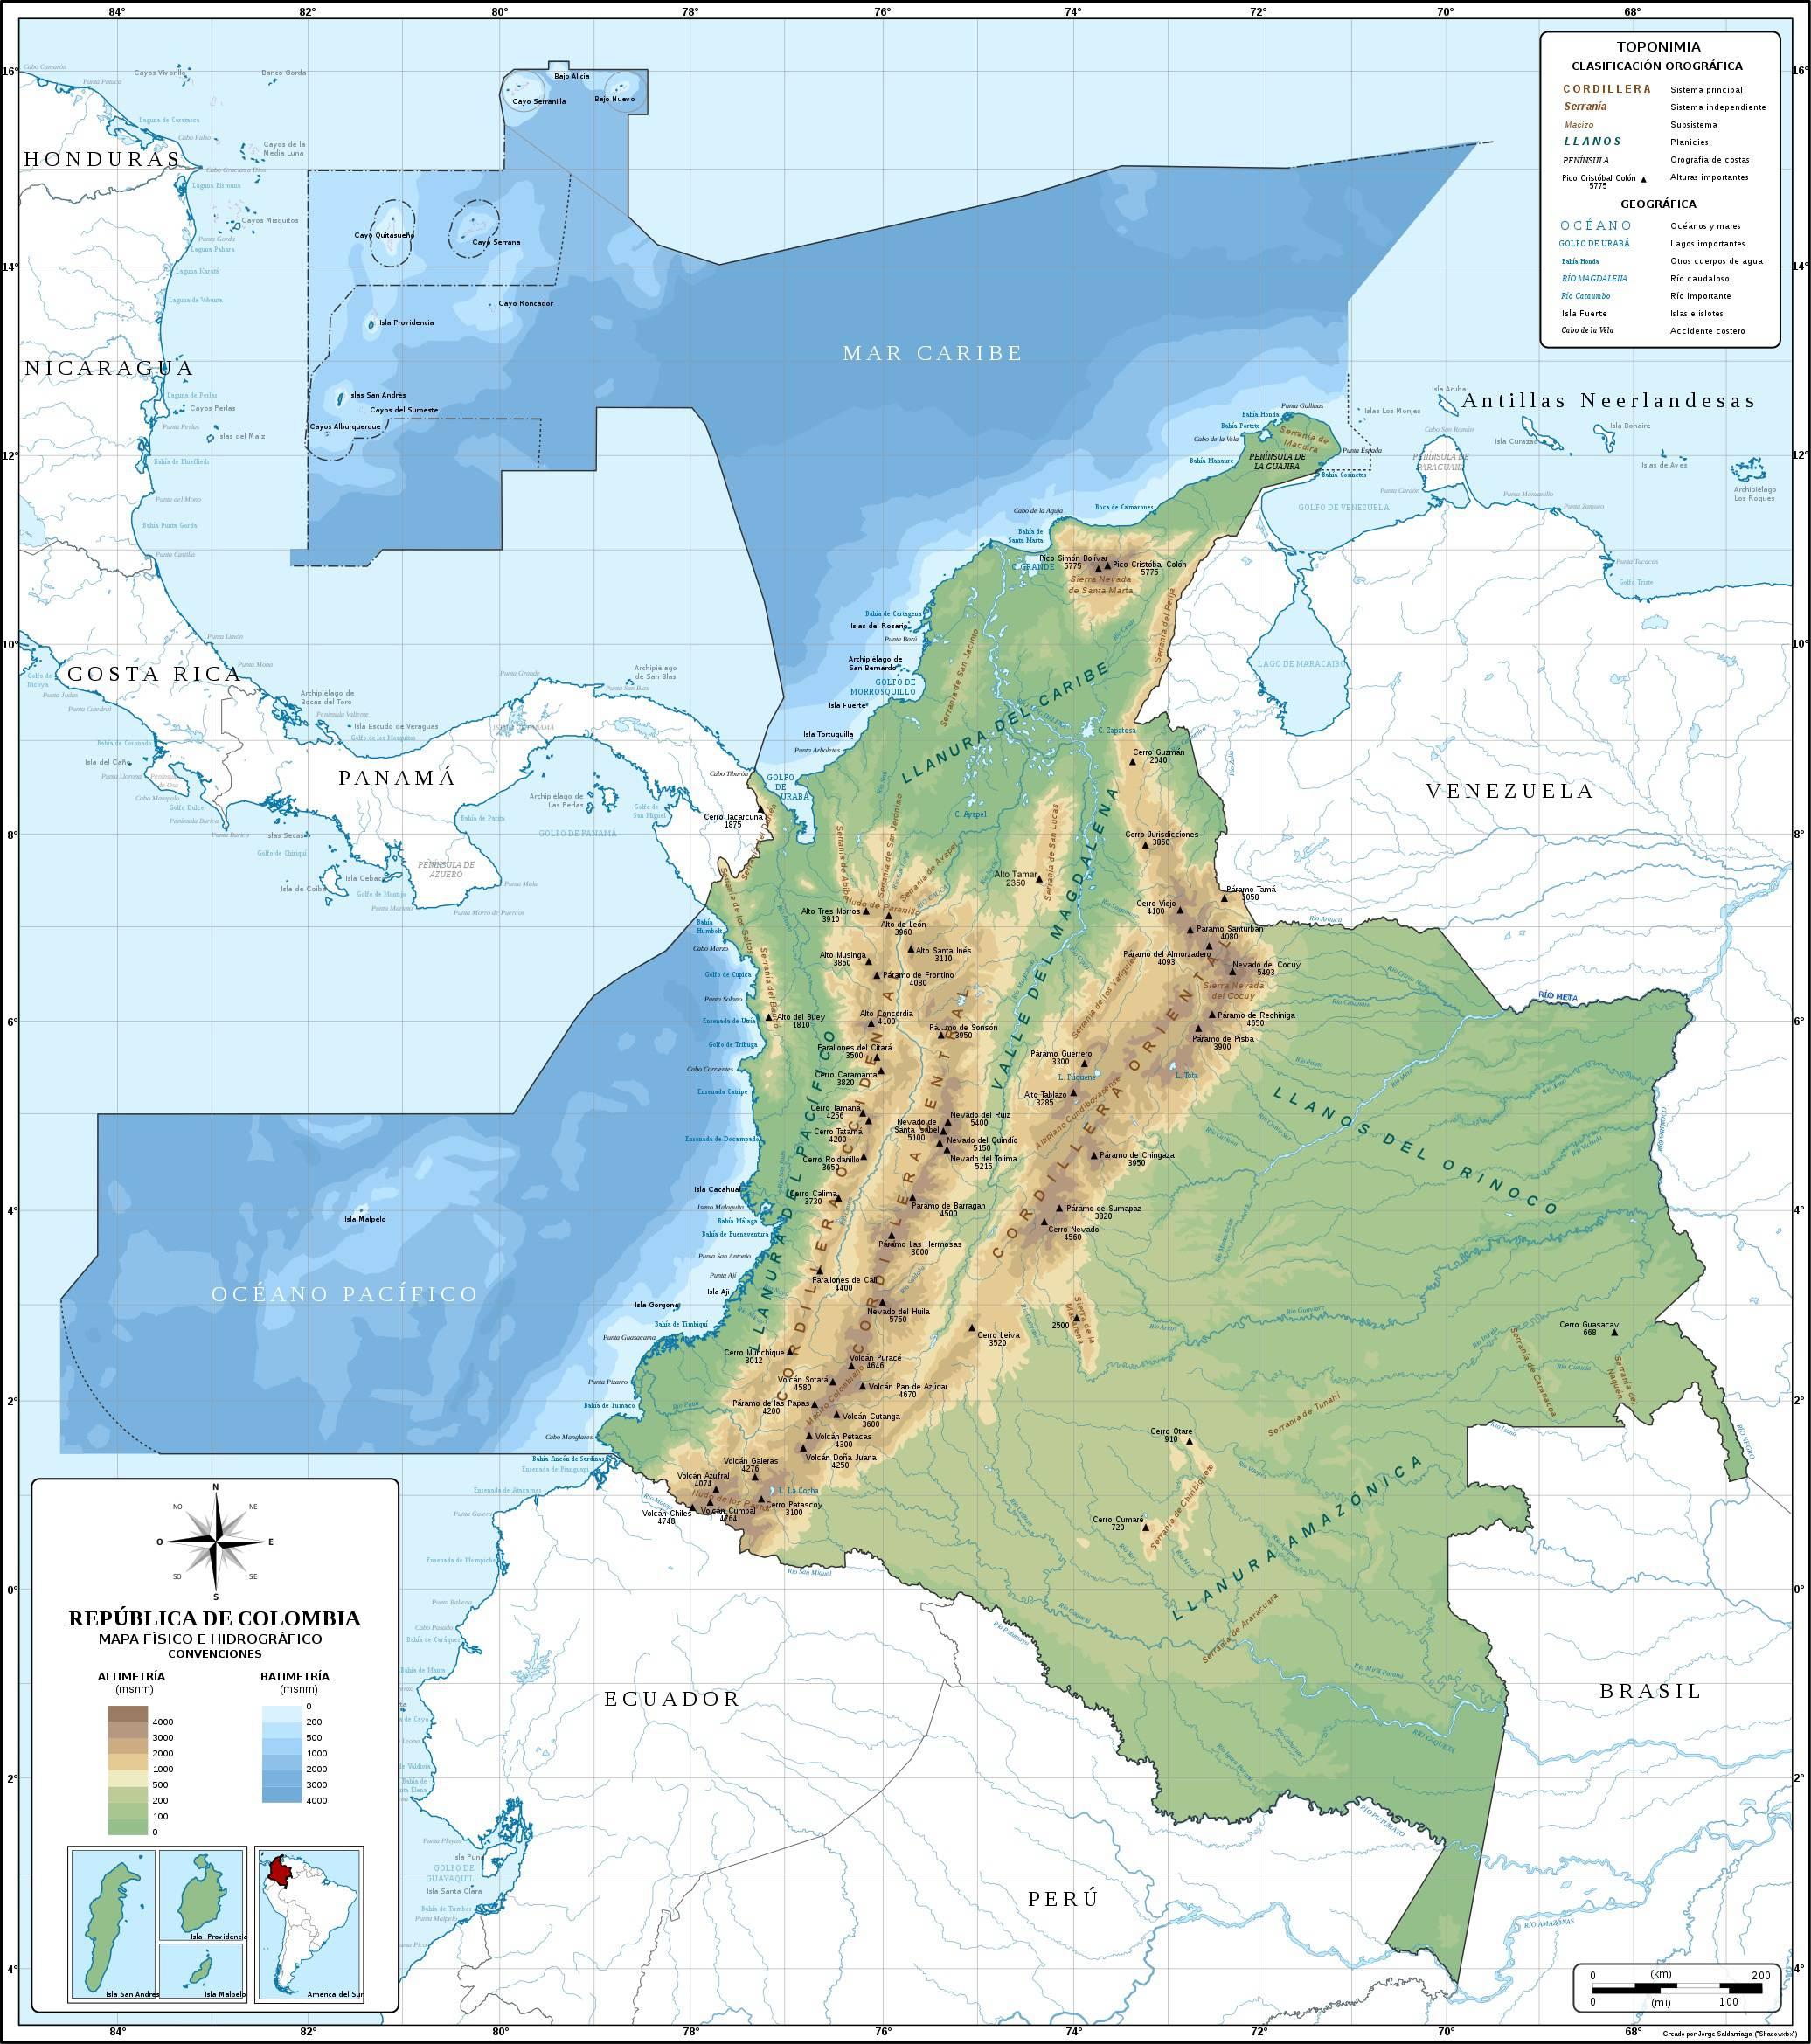 Carte géographique de la Colombie